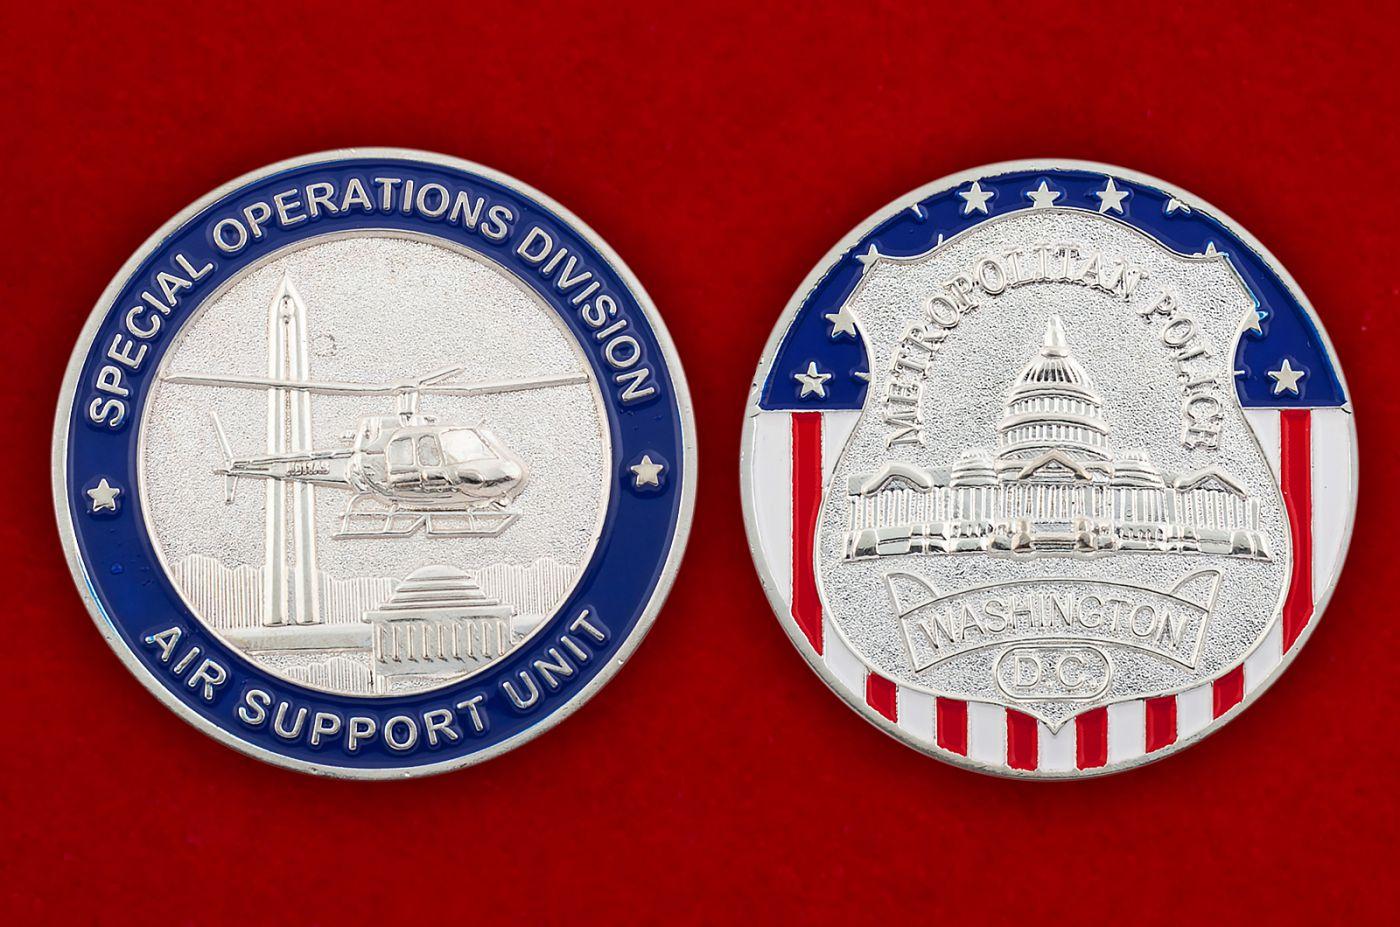 Челлендж коин подразделения авиационной поддержки отдела спецопераций полиции Вашингтона - аверс и реверс